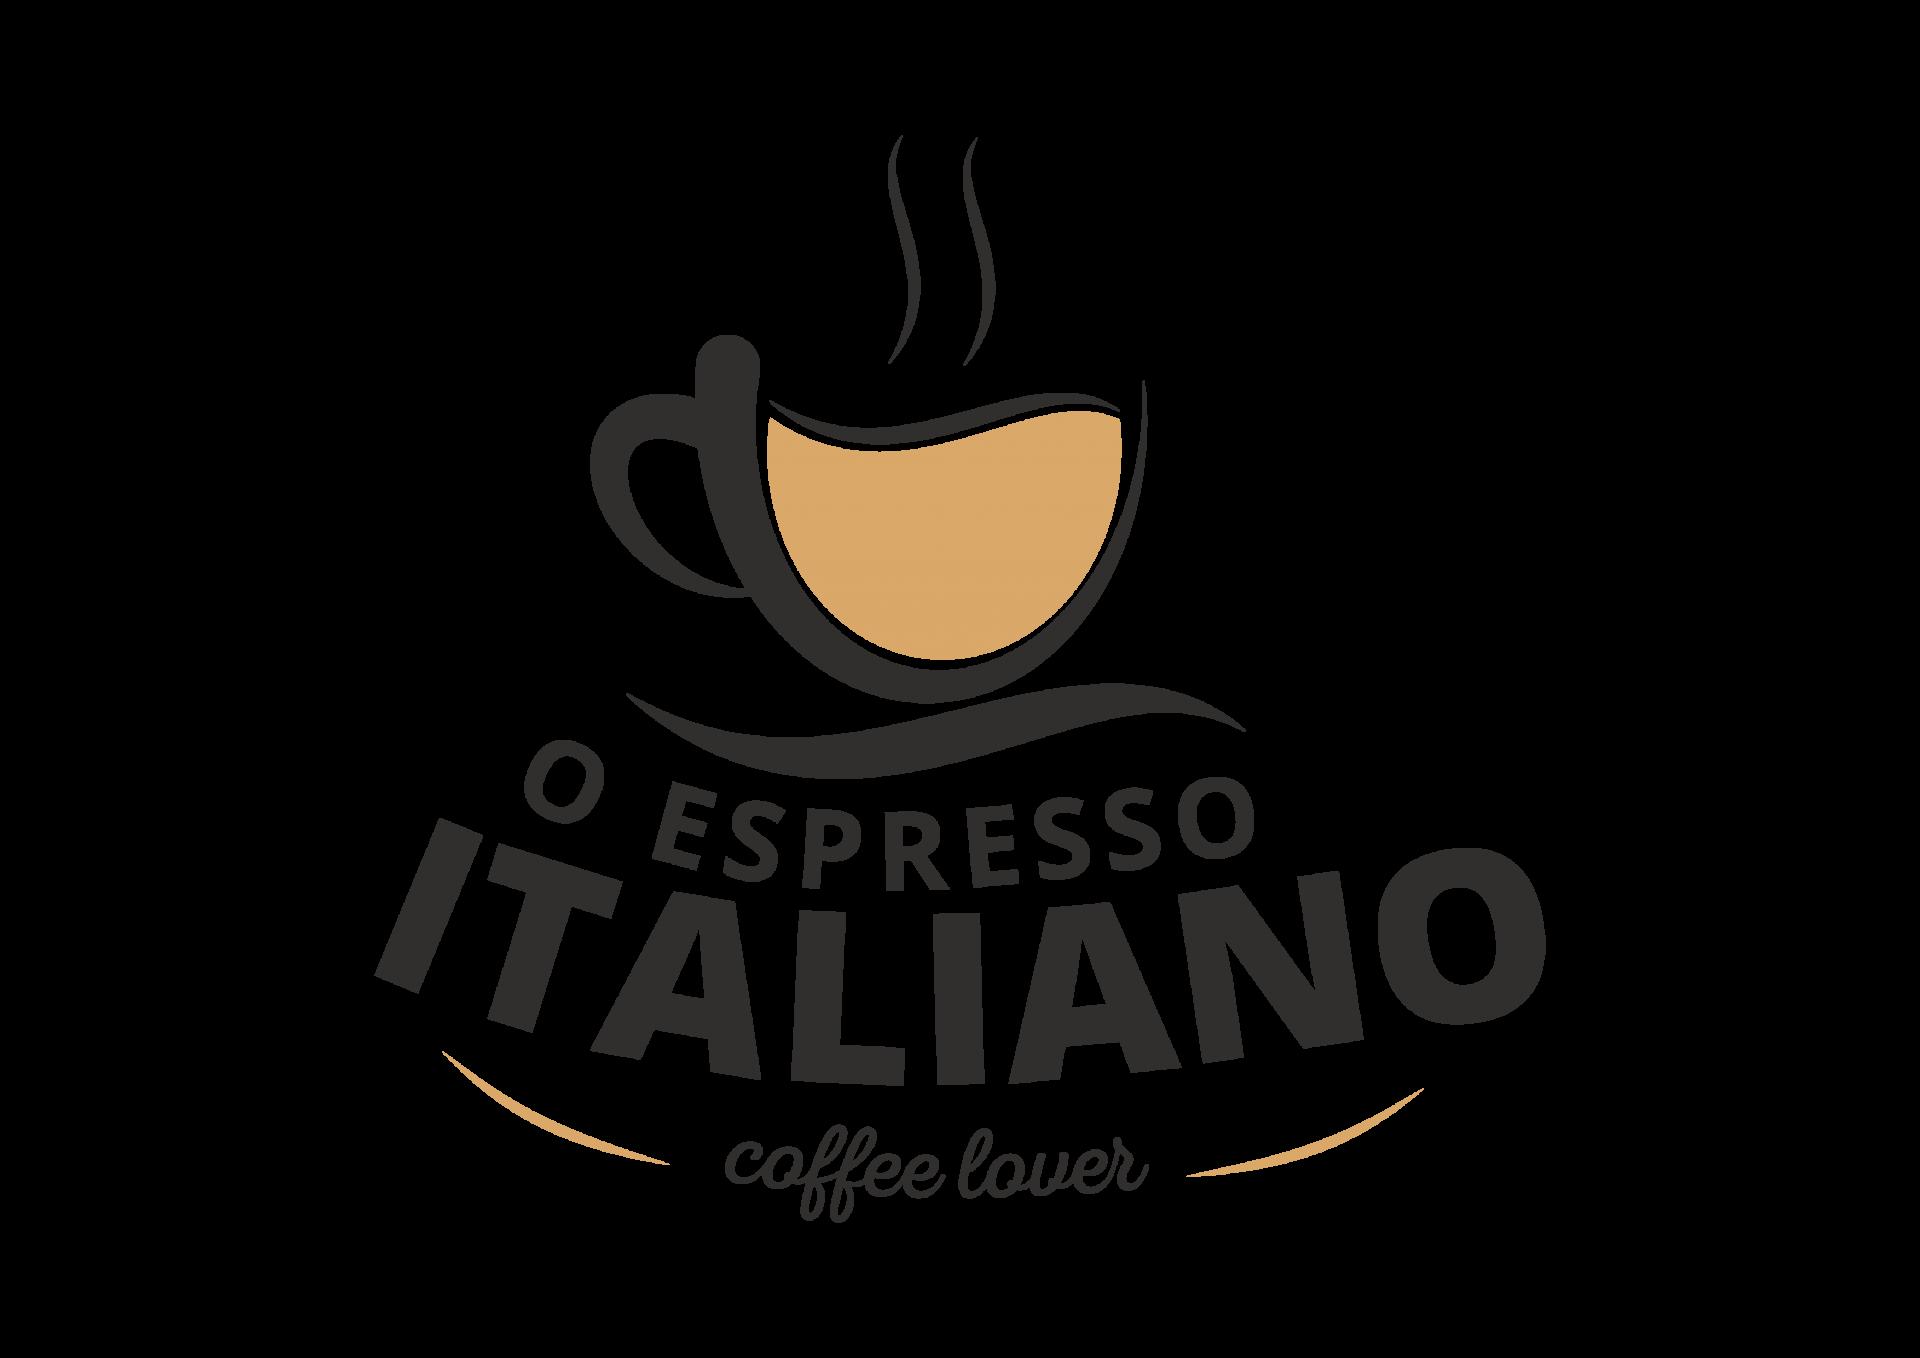 O Espresso Italiano